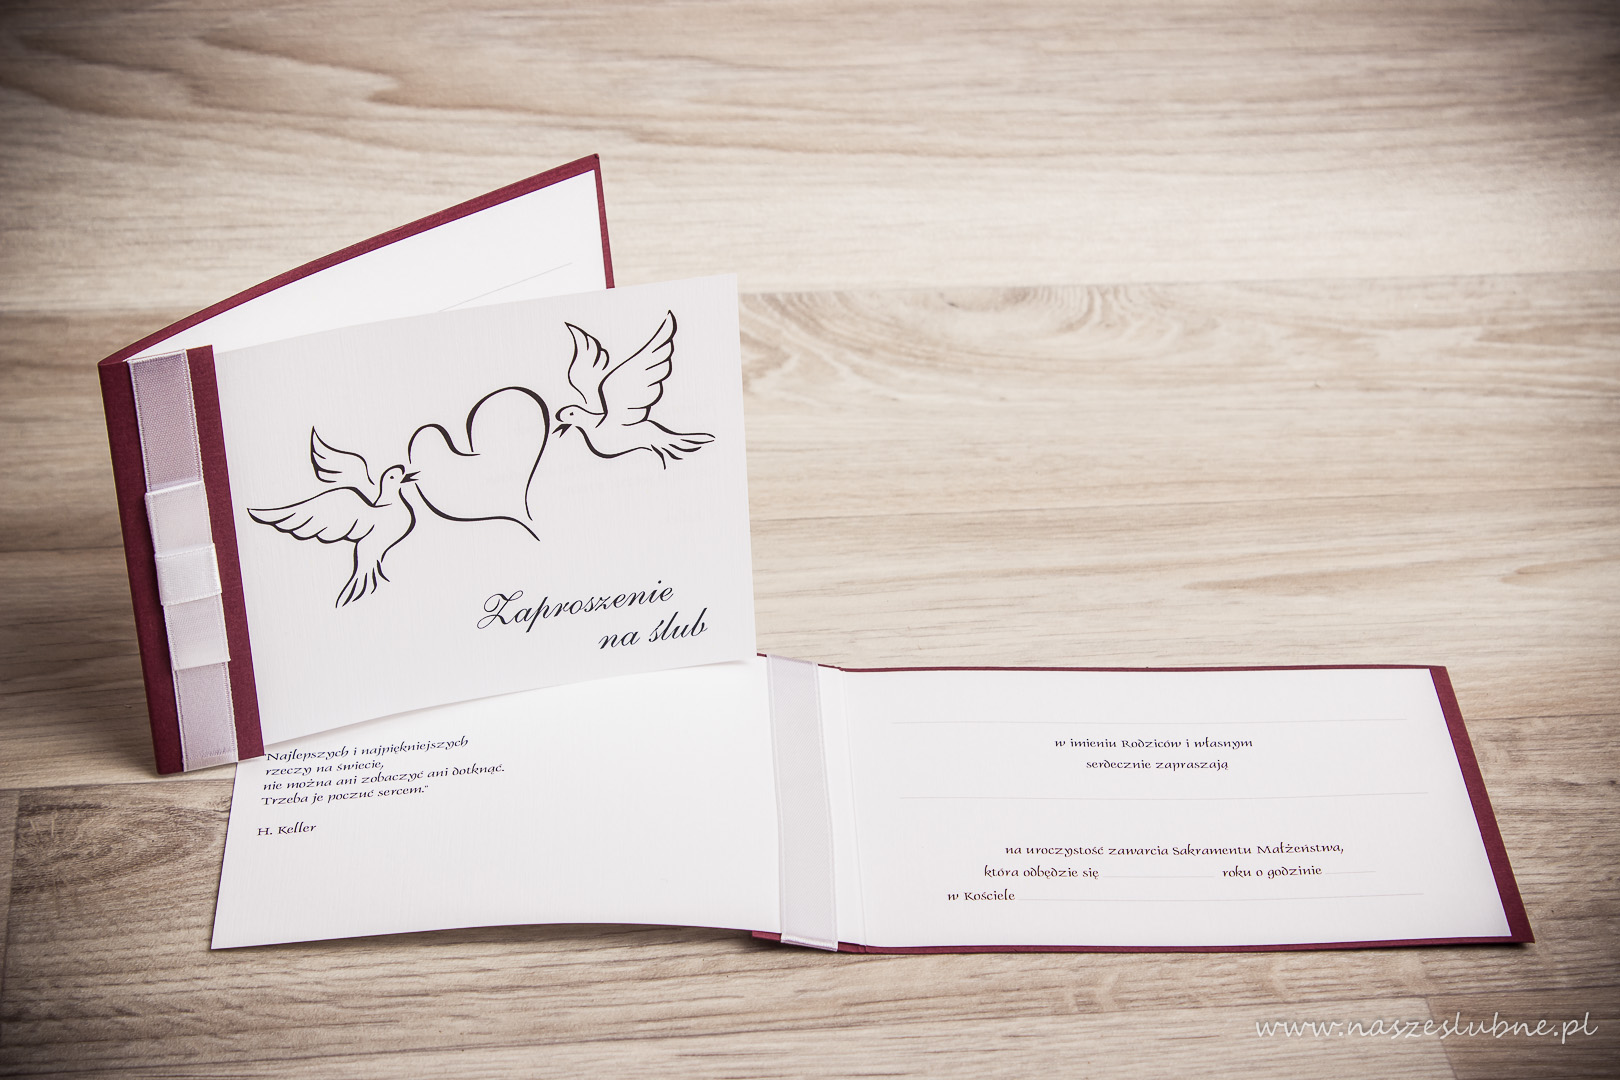 Zaproszenia ślubne – do ręcznego wypisywania: wzór nr 3